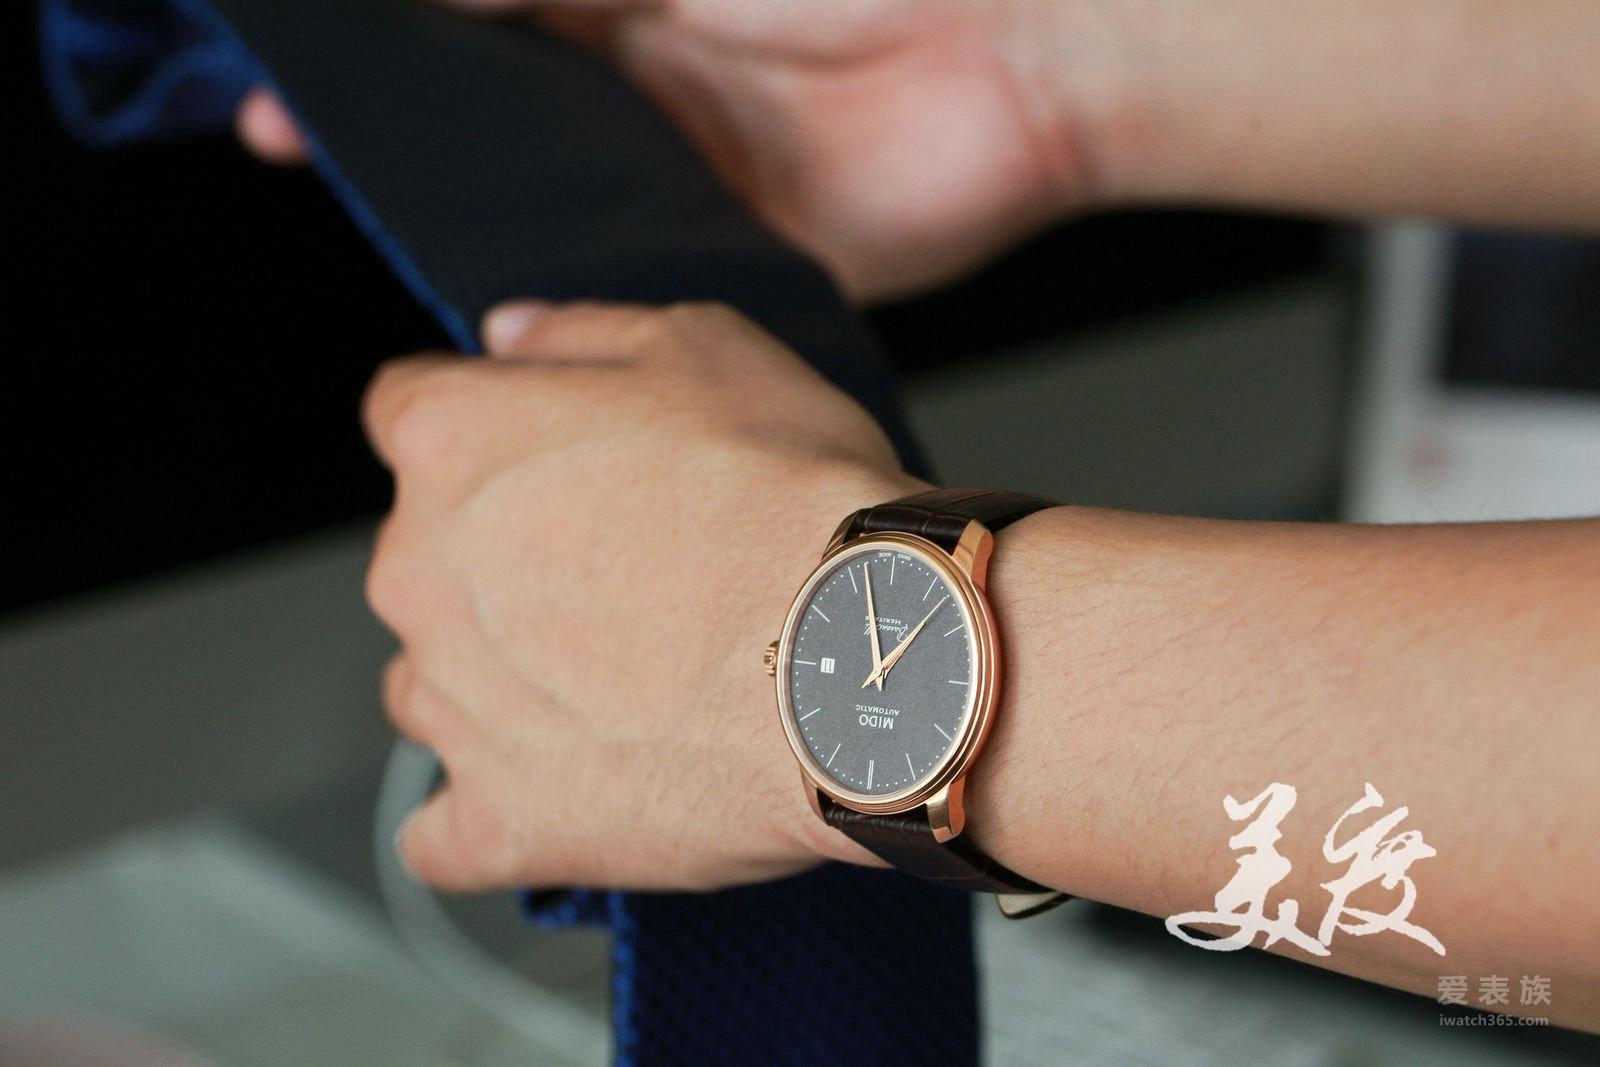 爱表评测 美度贝伦赛丽典藏系列纪念款超薄手表 佩戴篇